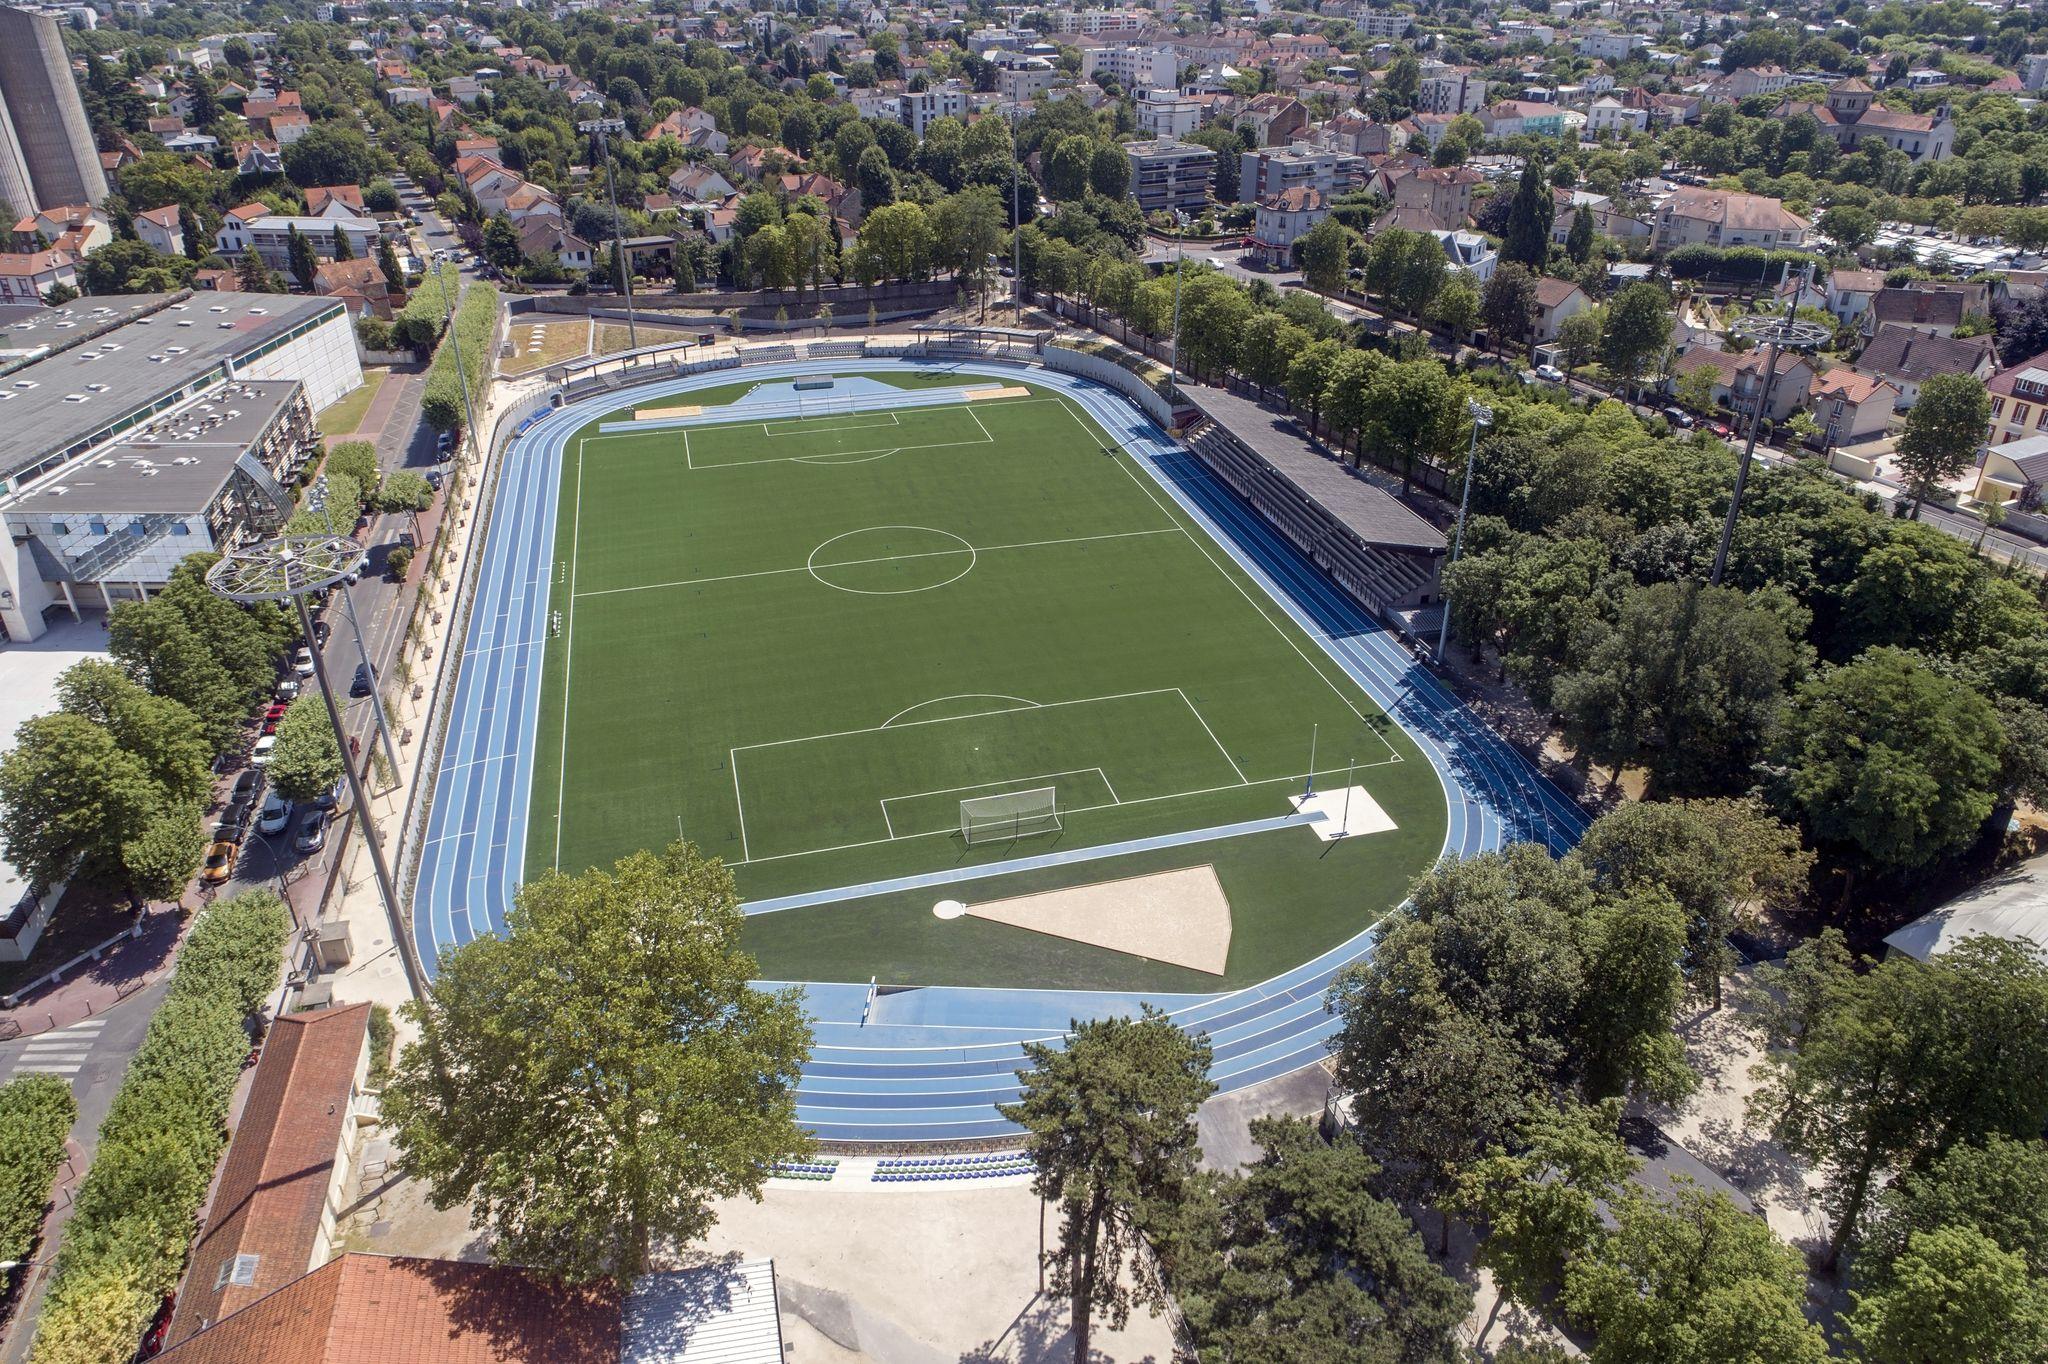 Stade Chéron - Saint Maur des fossés